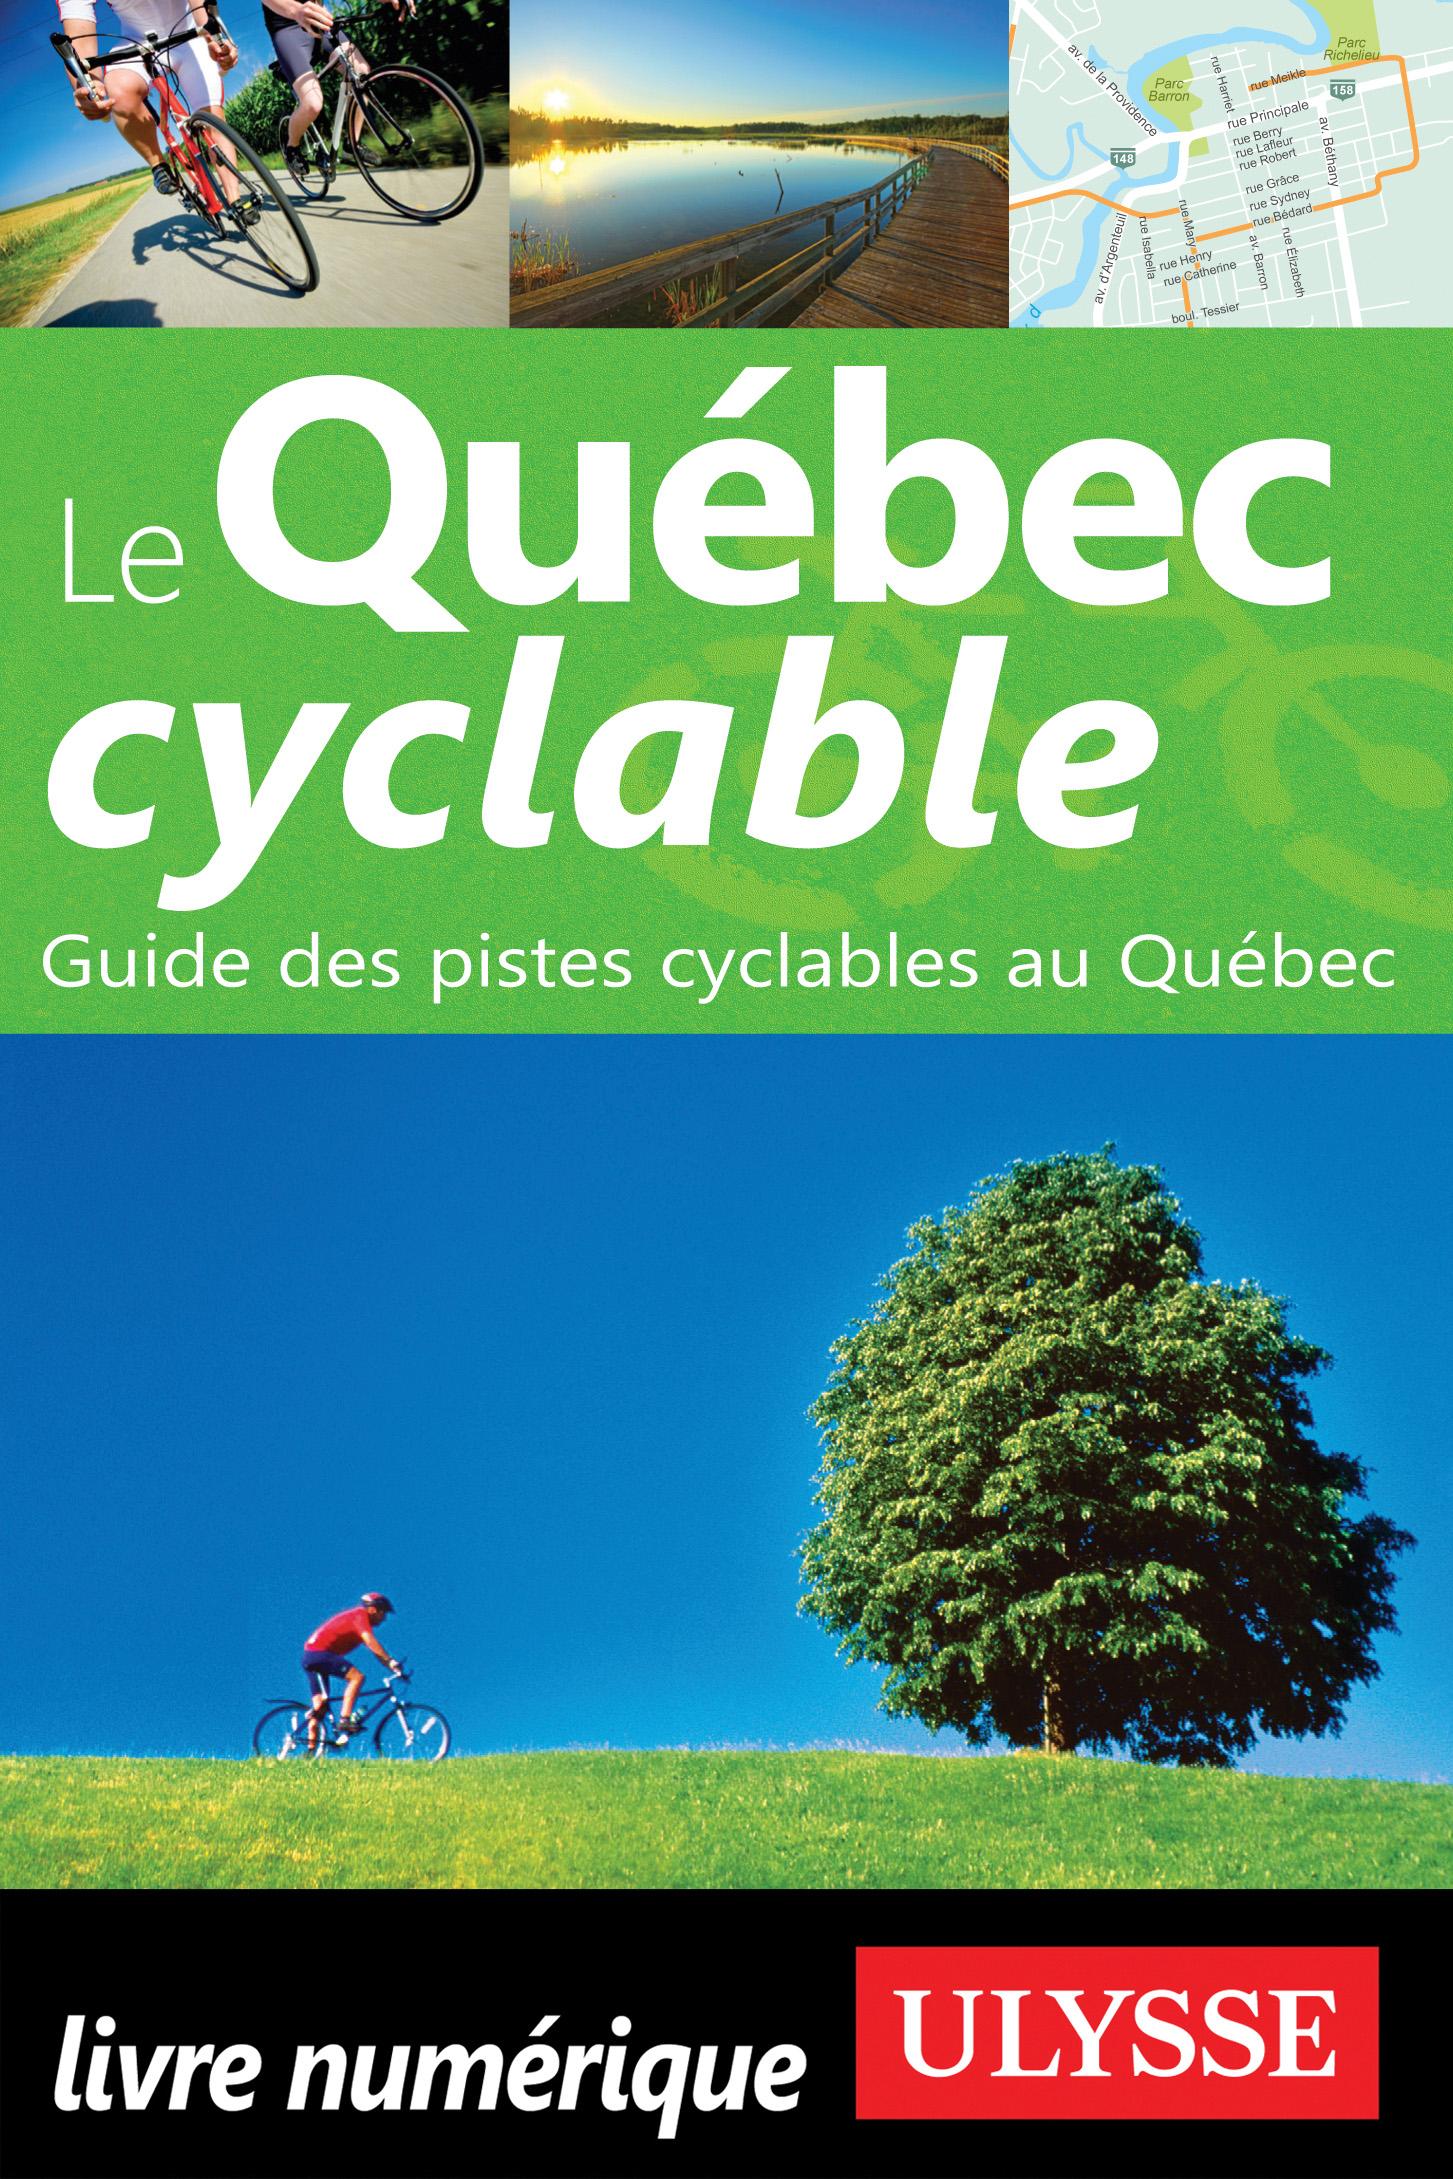 Le Québec cyclable - Guide des voies cyclables au Québec